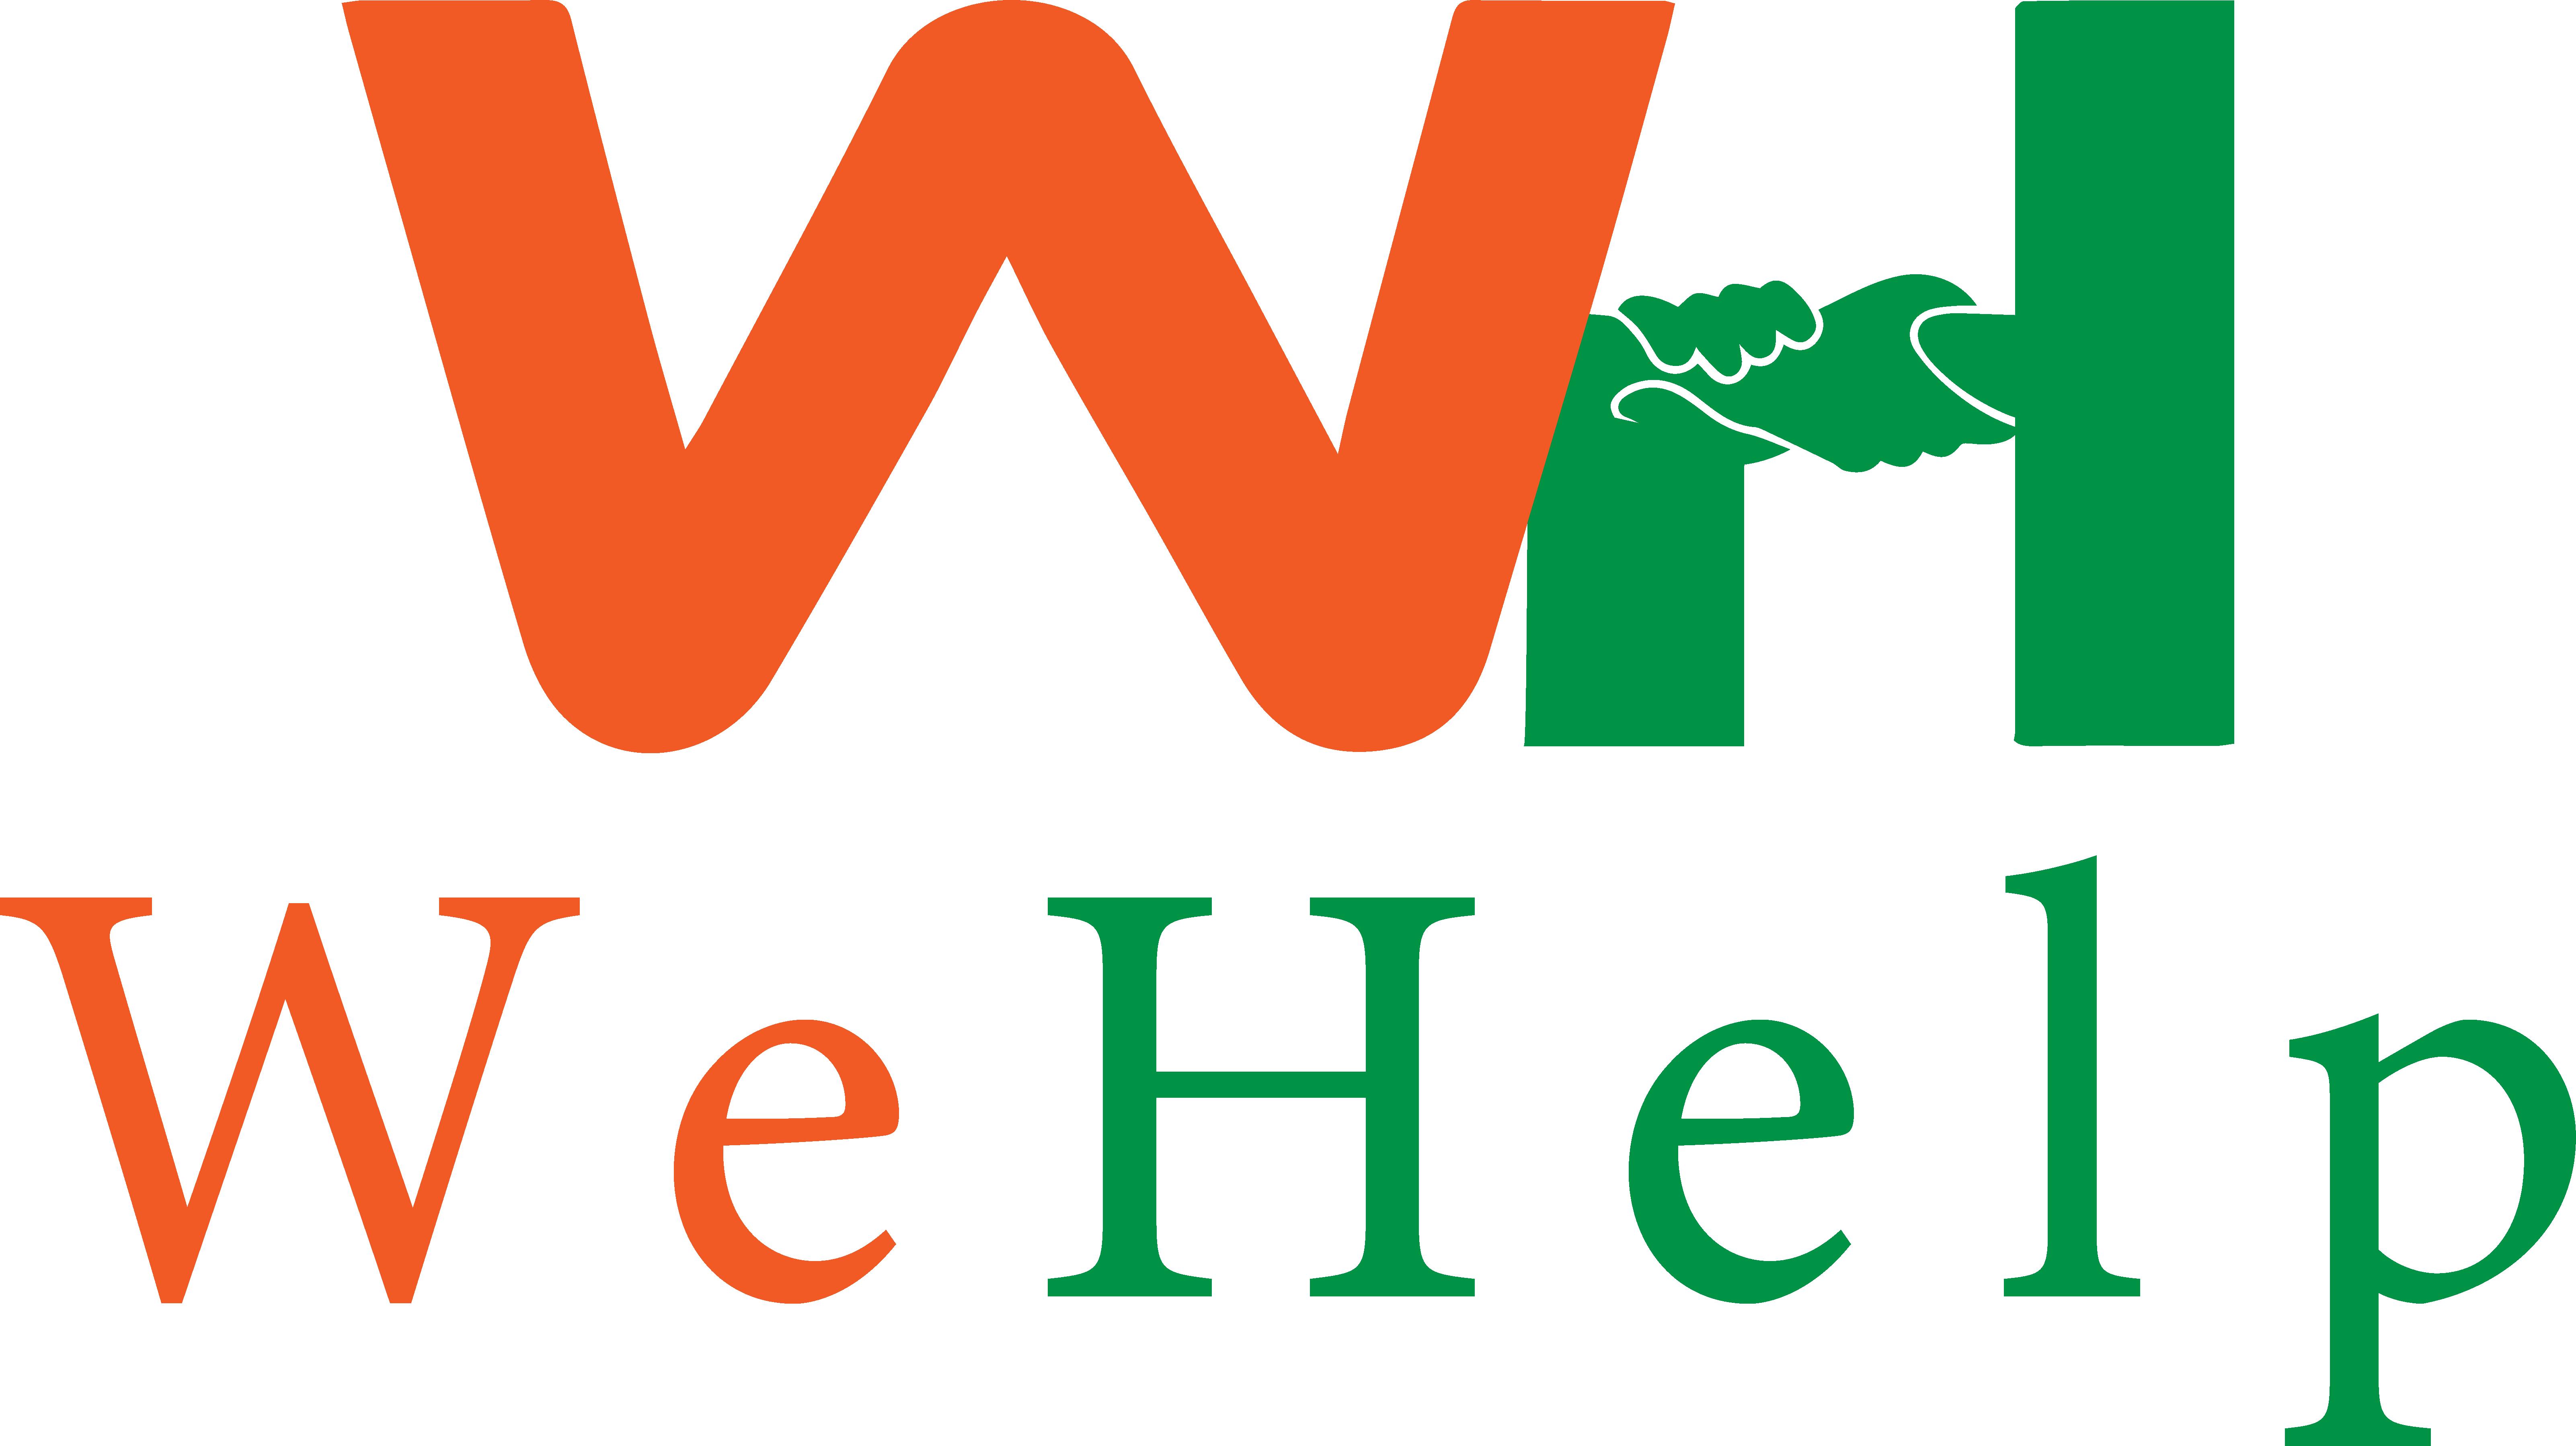 WeHelp